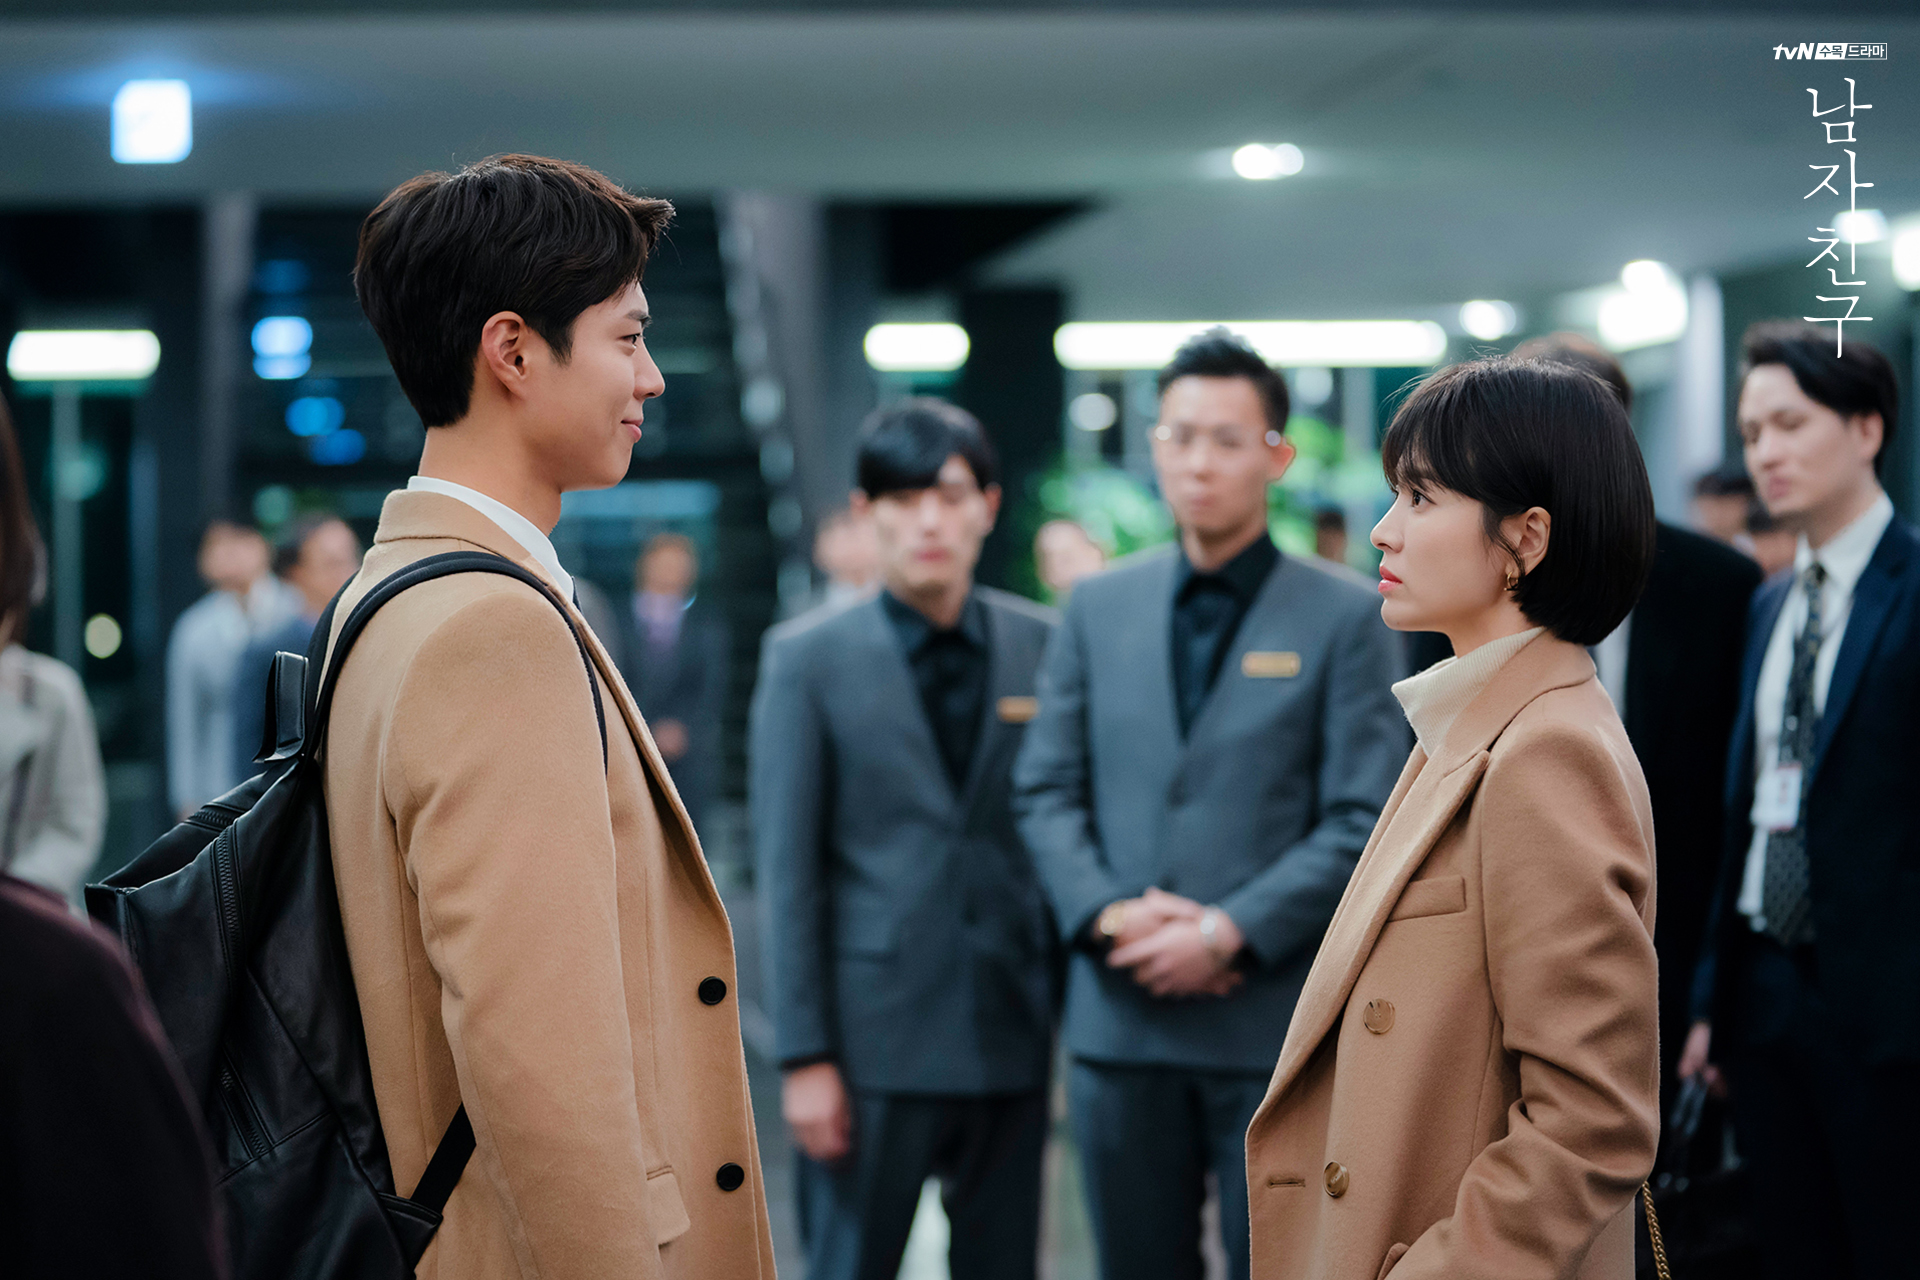 韩剧《男朋友》收视率下降的原因?网友批评这些剧情不合理!插图7